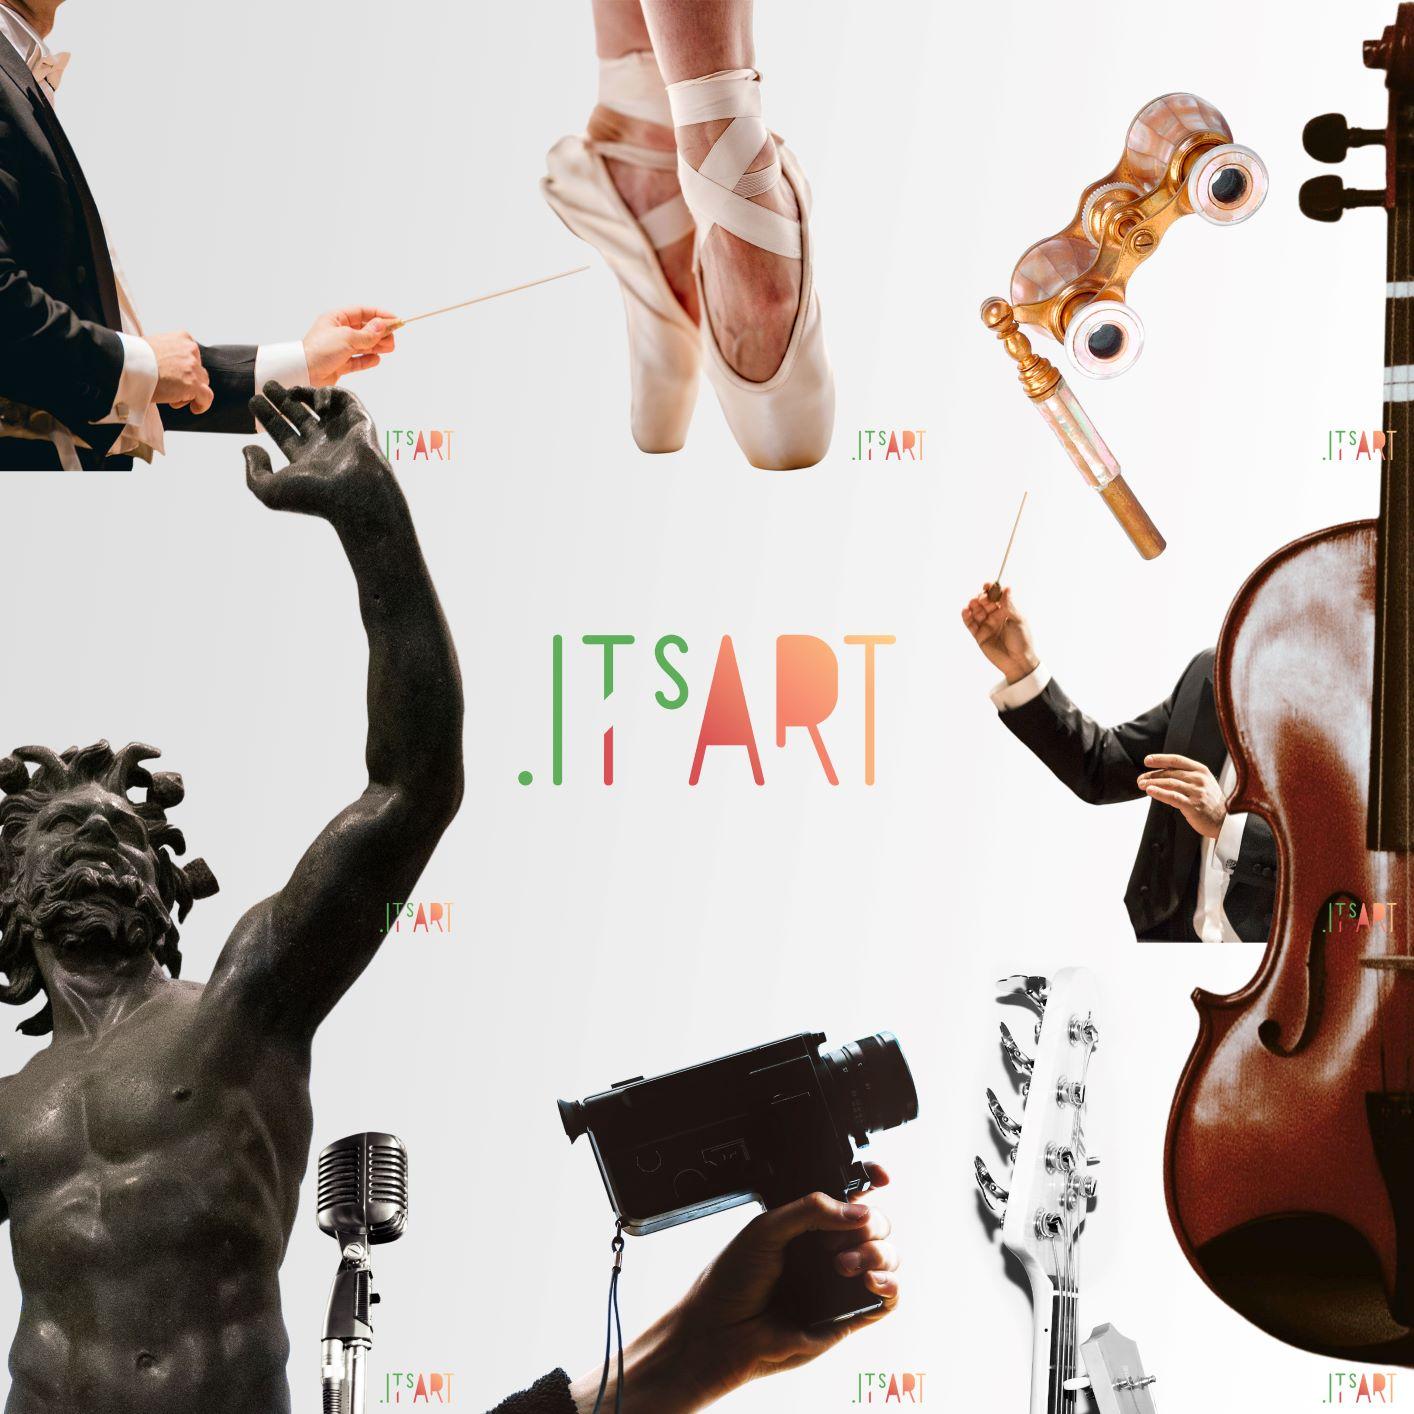 ITsART (la Netflix della cultura) verrà lanciata il 31 maggio. Ecco cosa ci sarà